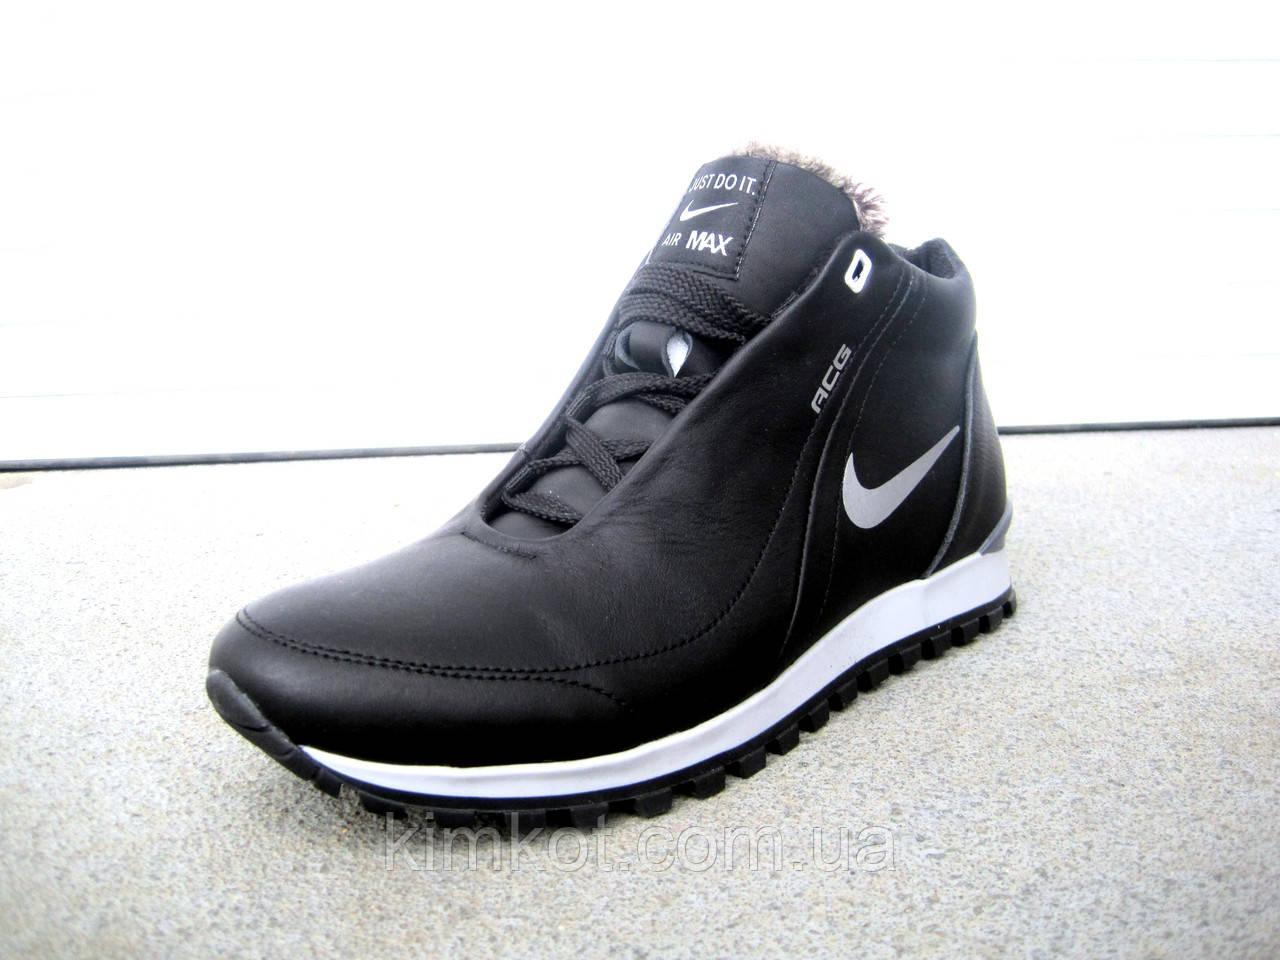 3540e955f0ab Зимние кожаные мужские кроссовки Nike 40-45 р-р - Интернет-Магазин